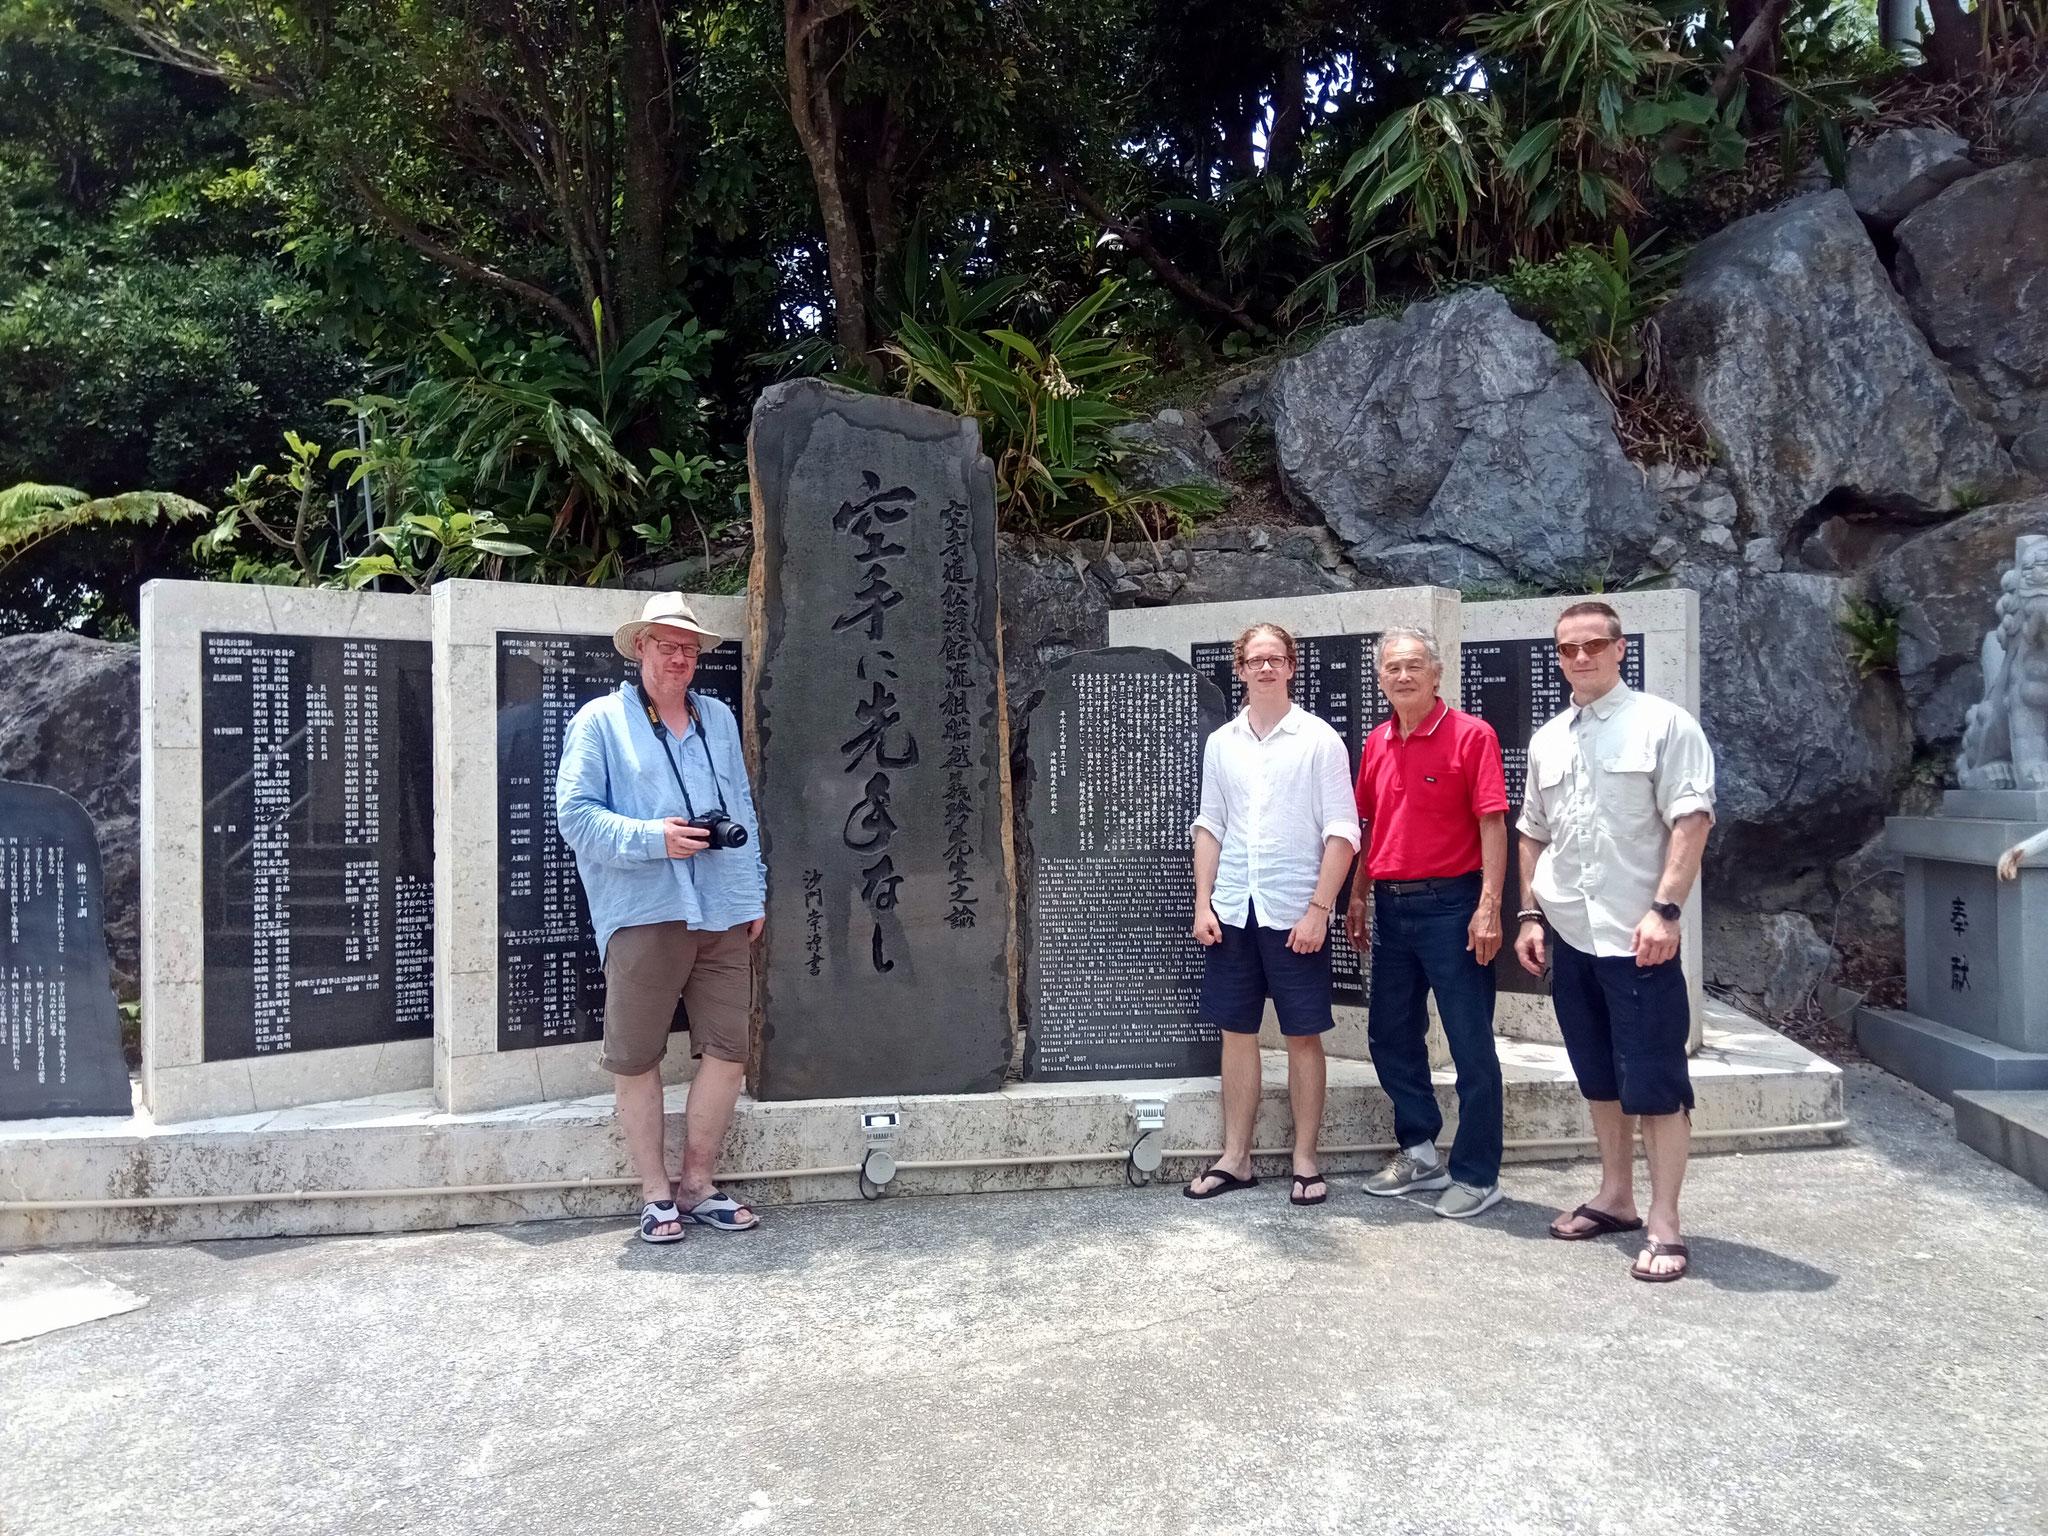 Karate Geschichtstour – Denkmal für Funakoshi Gichin